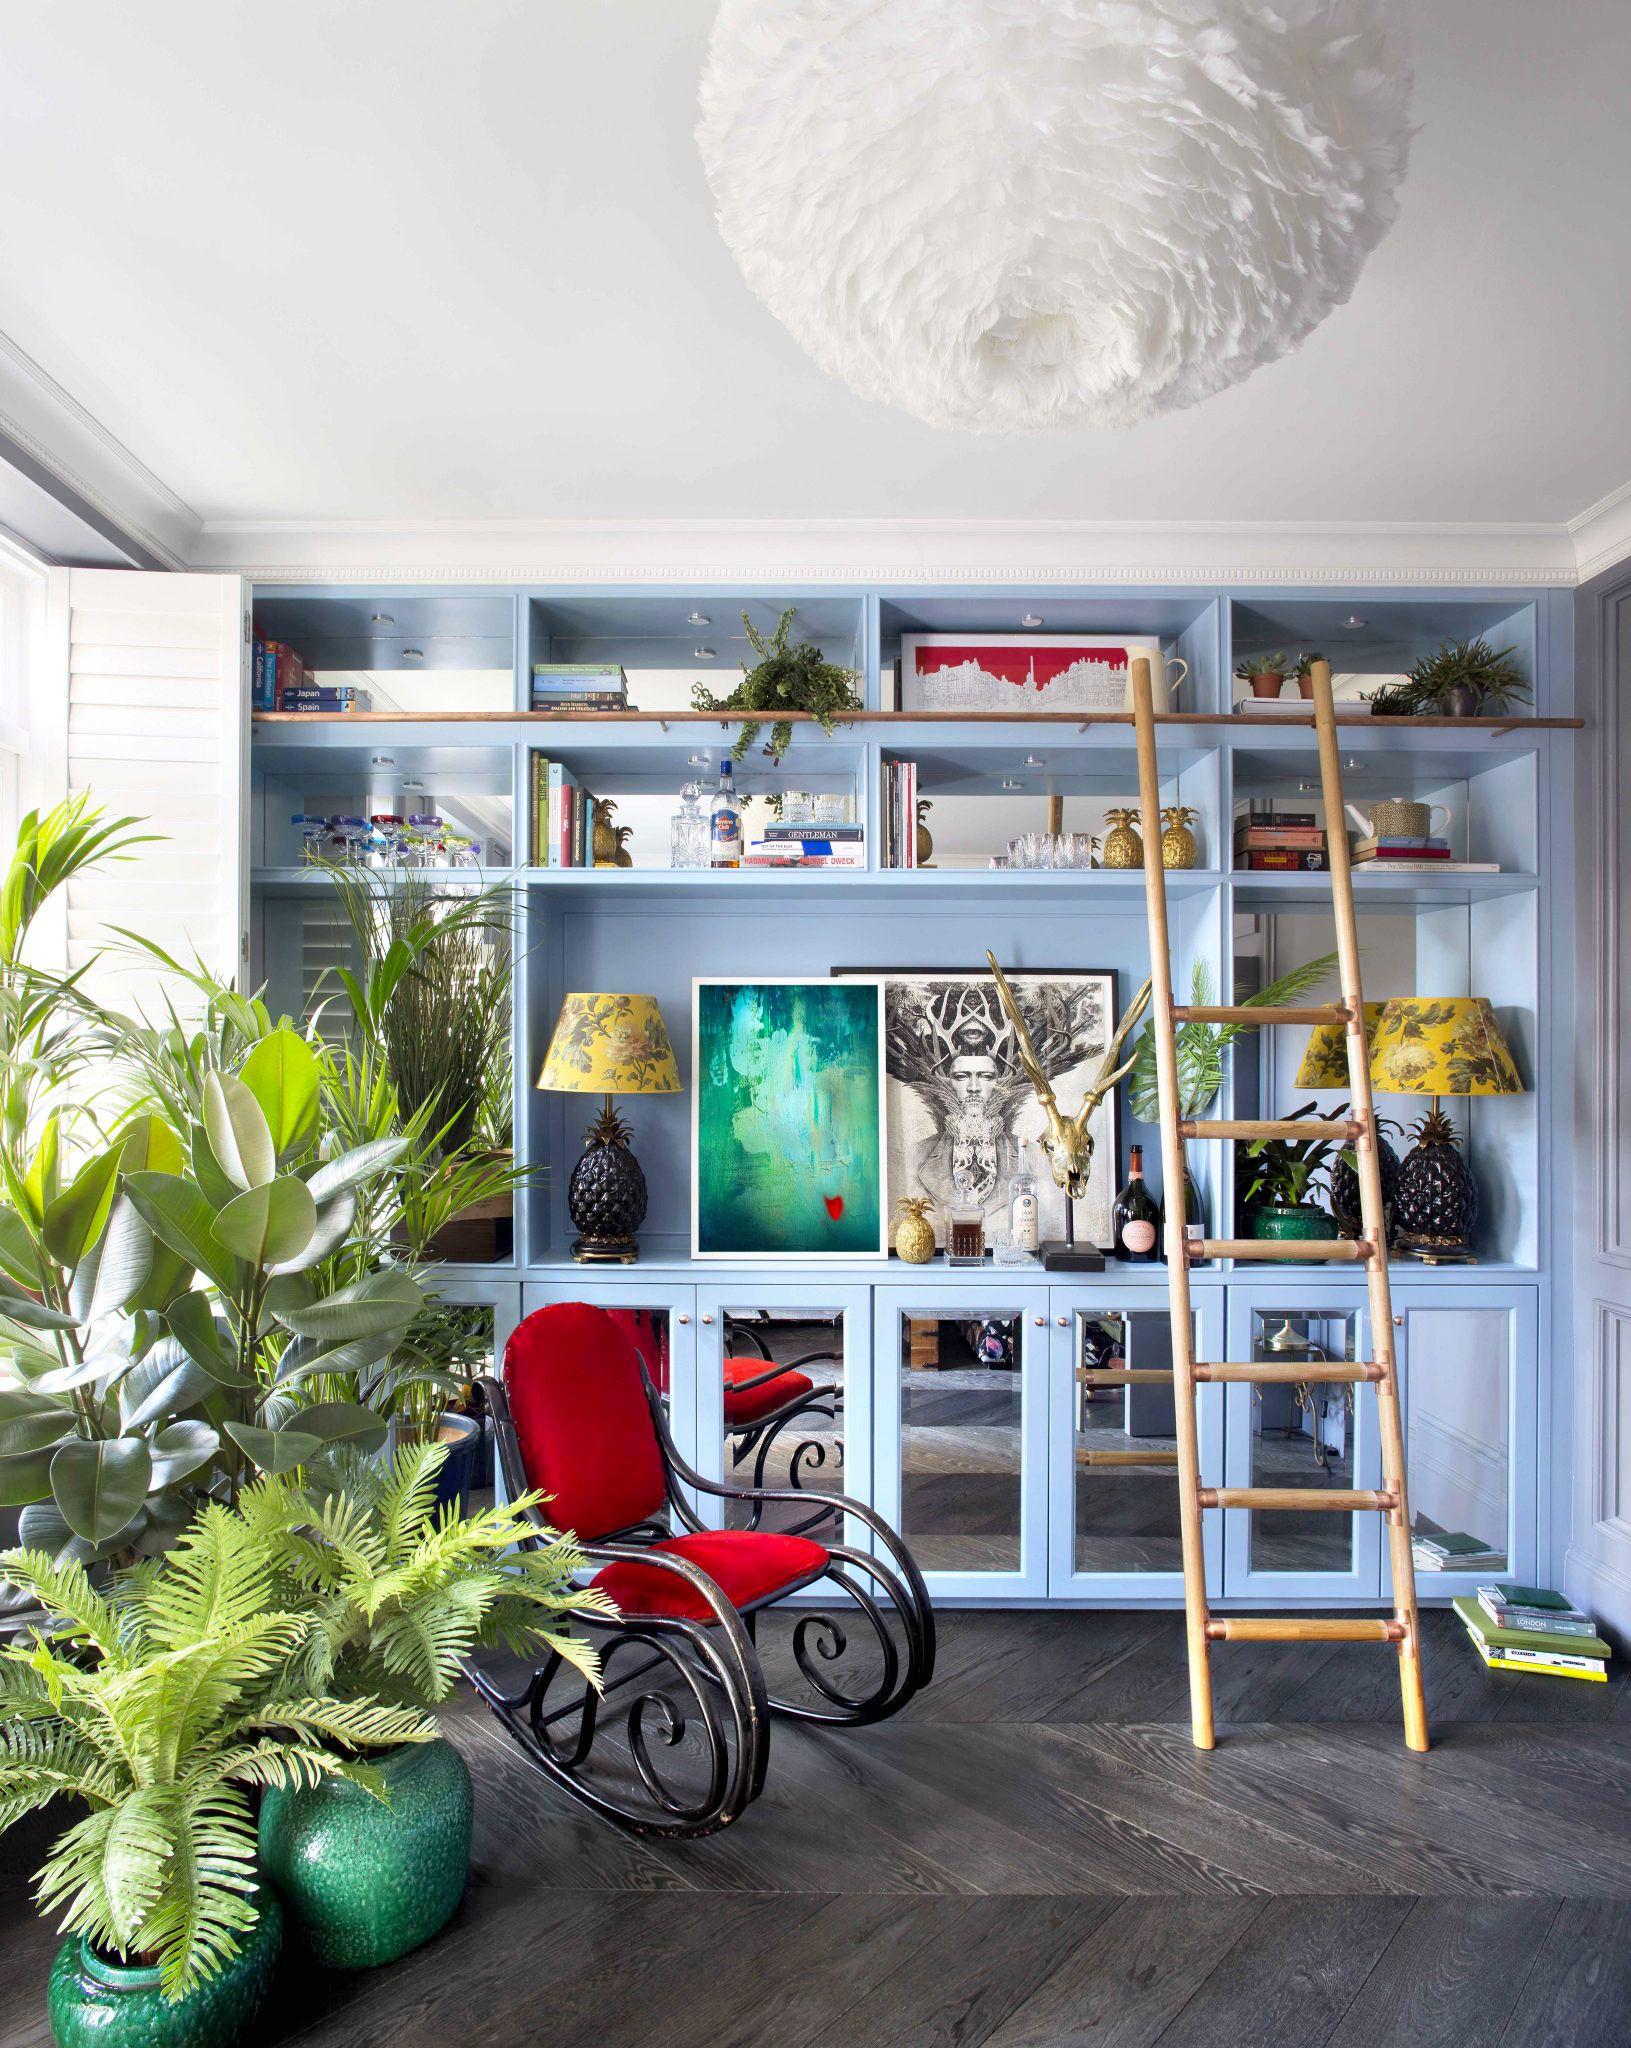 15 Pretty Sunroom Ideas - Chic Designs & Decor for Screened In Porches